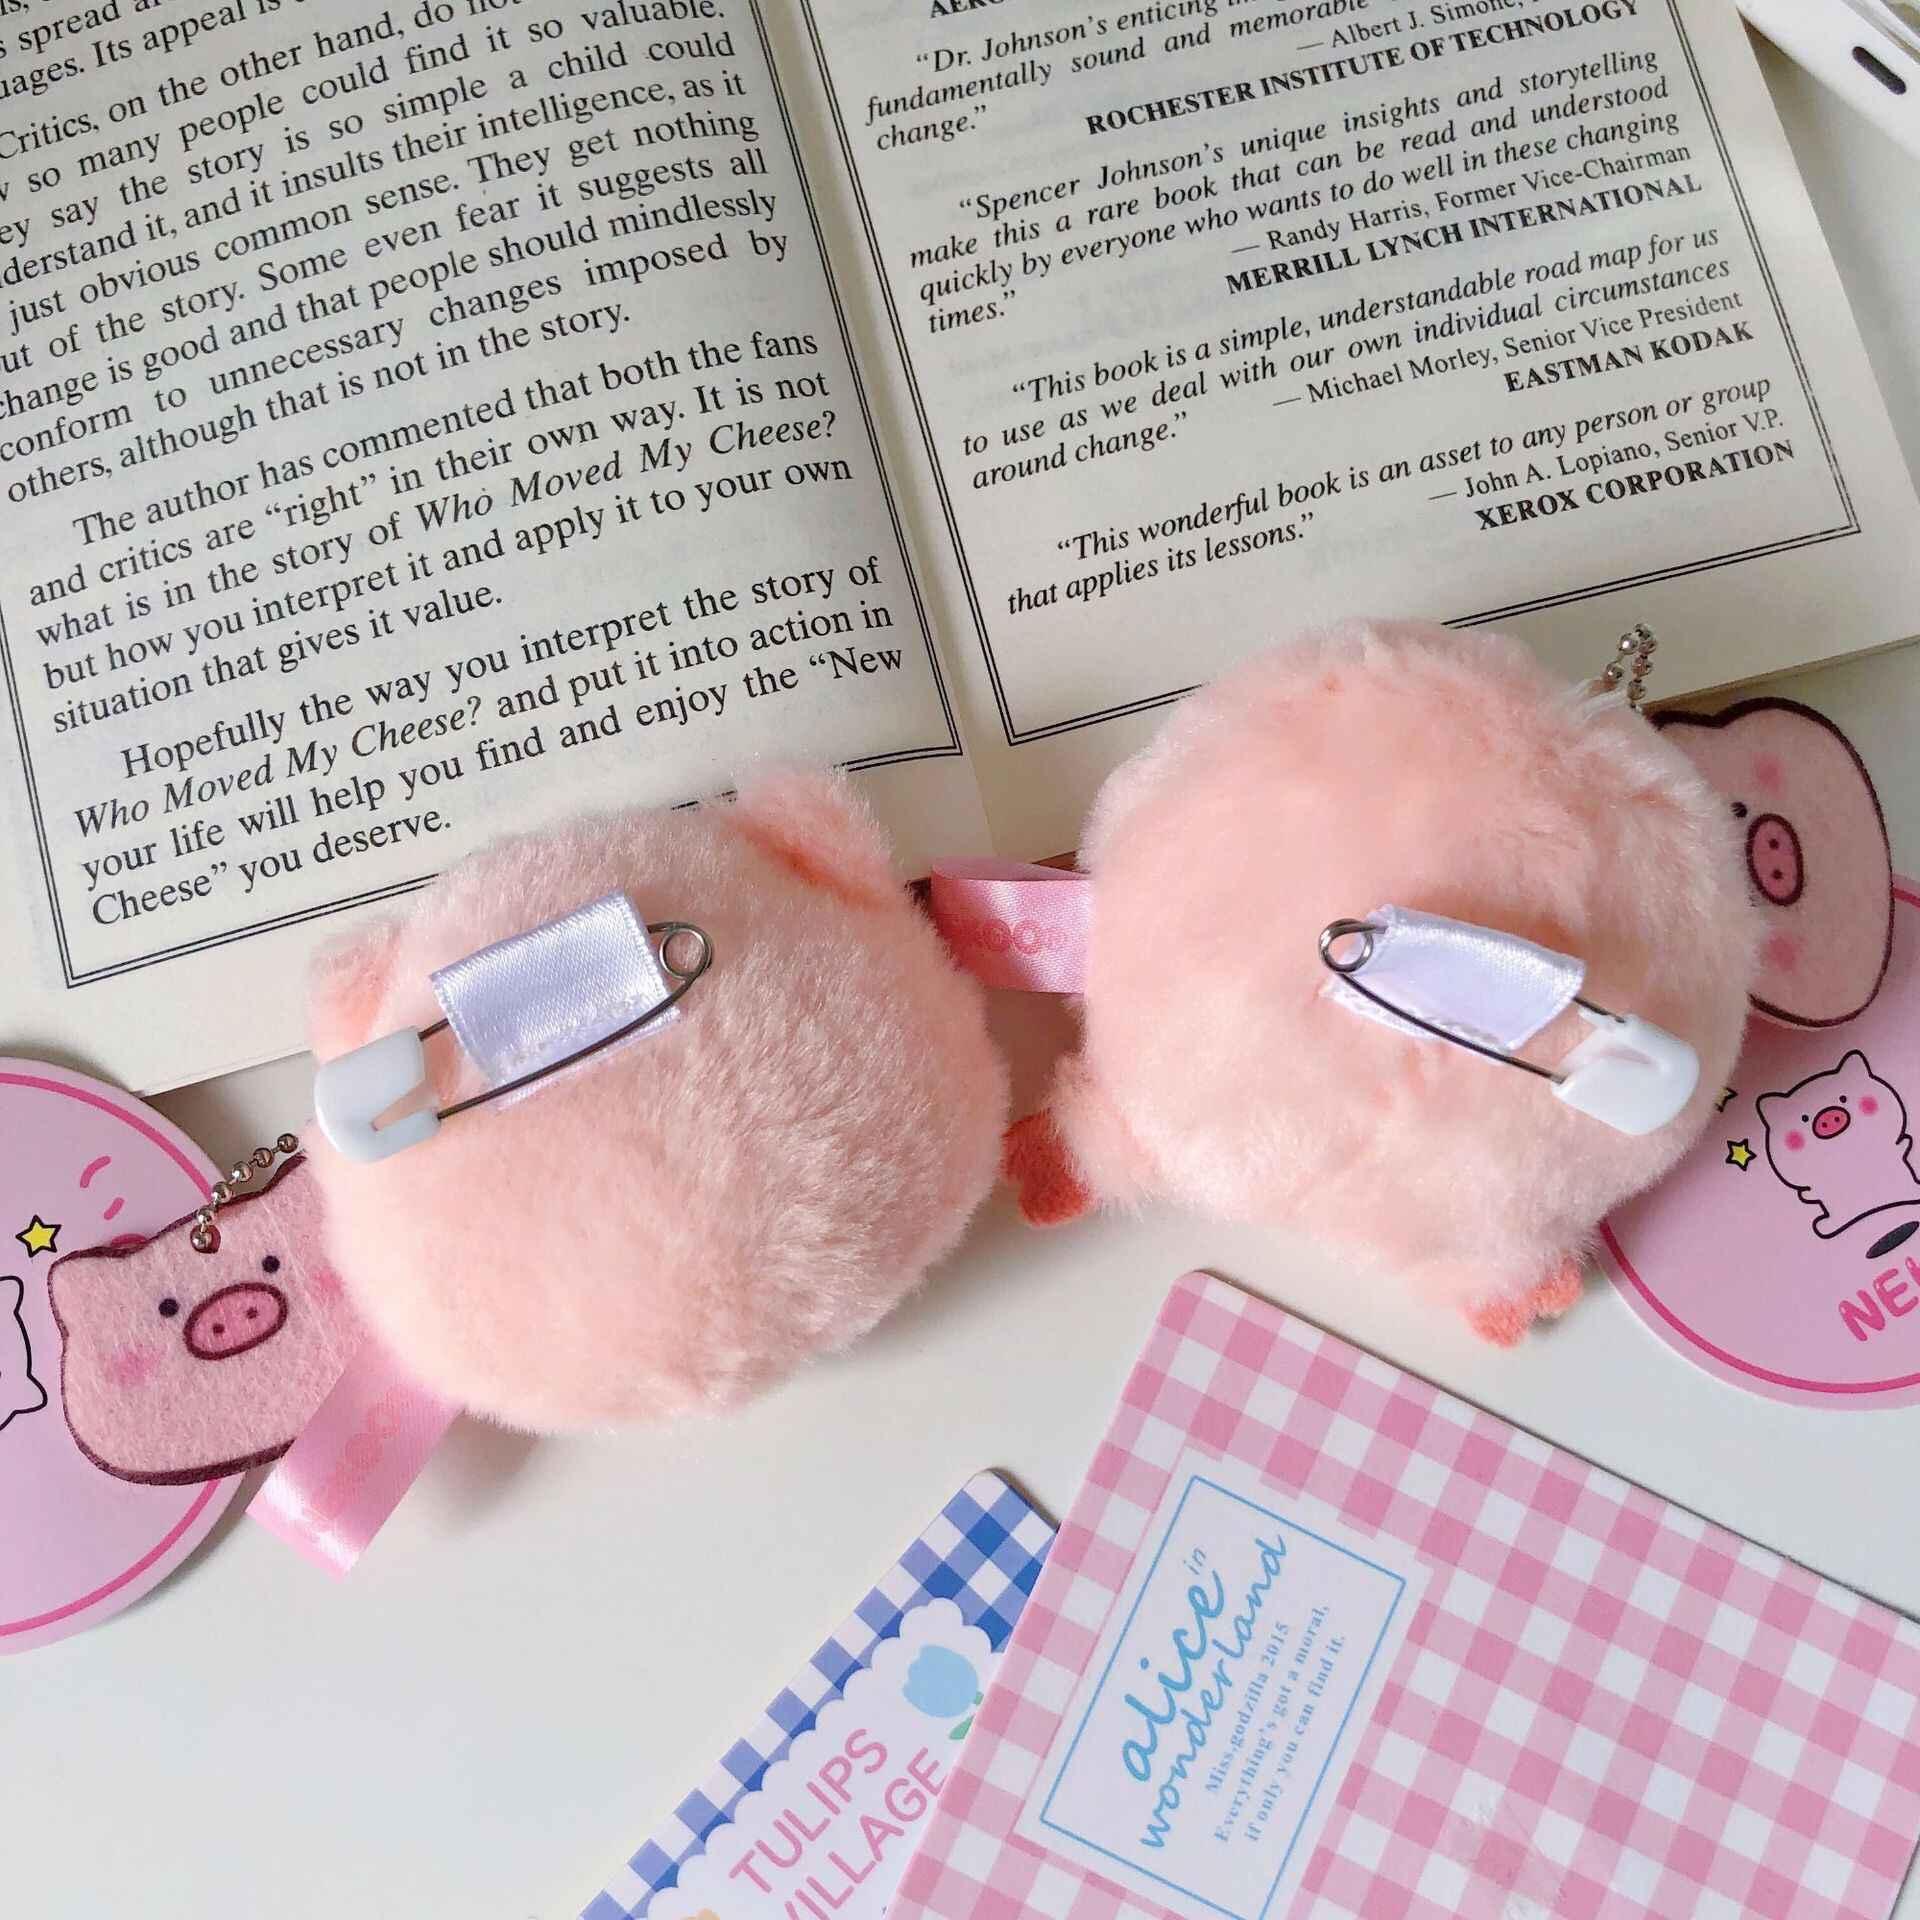 Bentoy Porco Cor De Rosa de Pelúcia Macia acessórios bolsa de Moedas Bonito Saco Estudante Kawaii Acessórios Coréia Ins Crianças anel Chave Broche